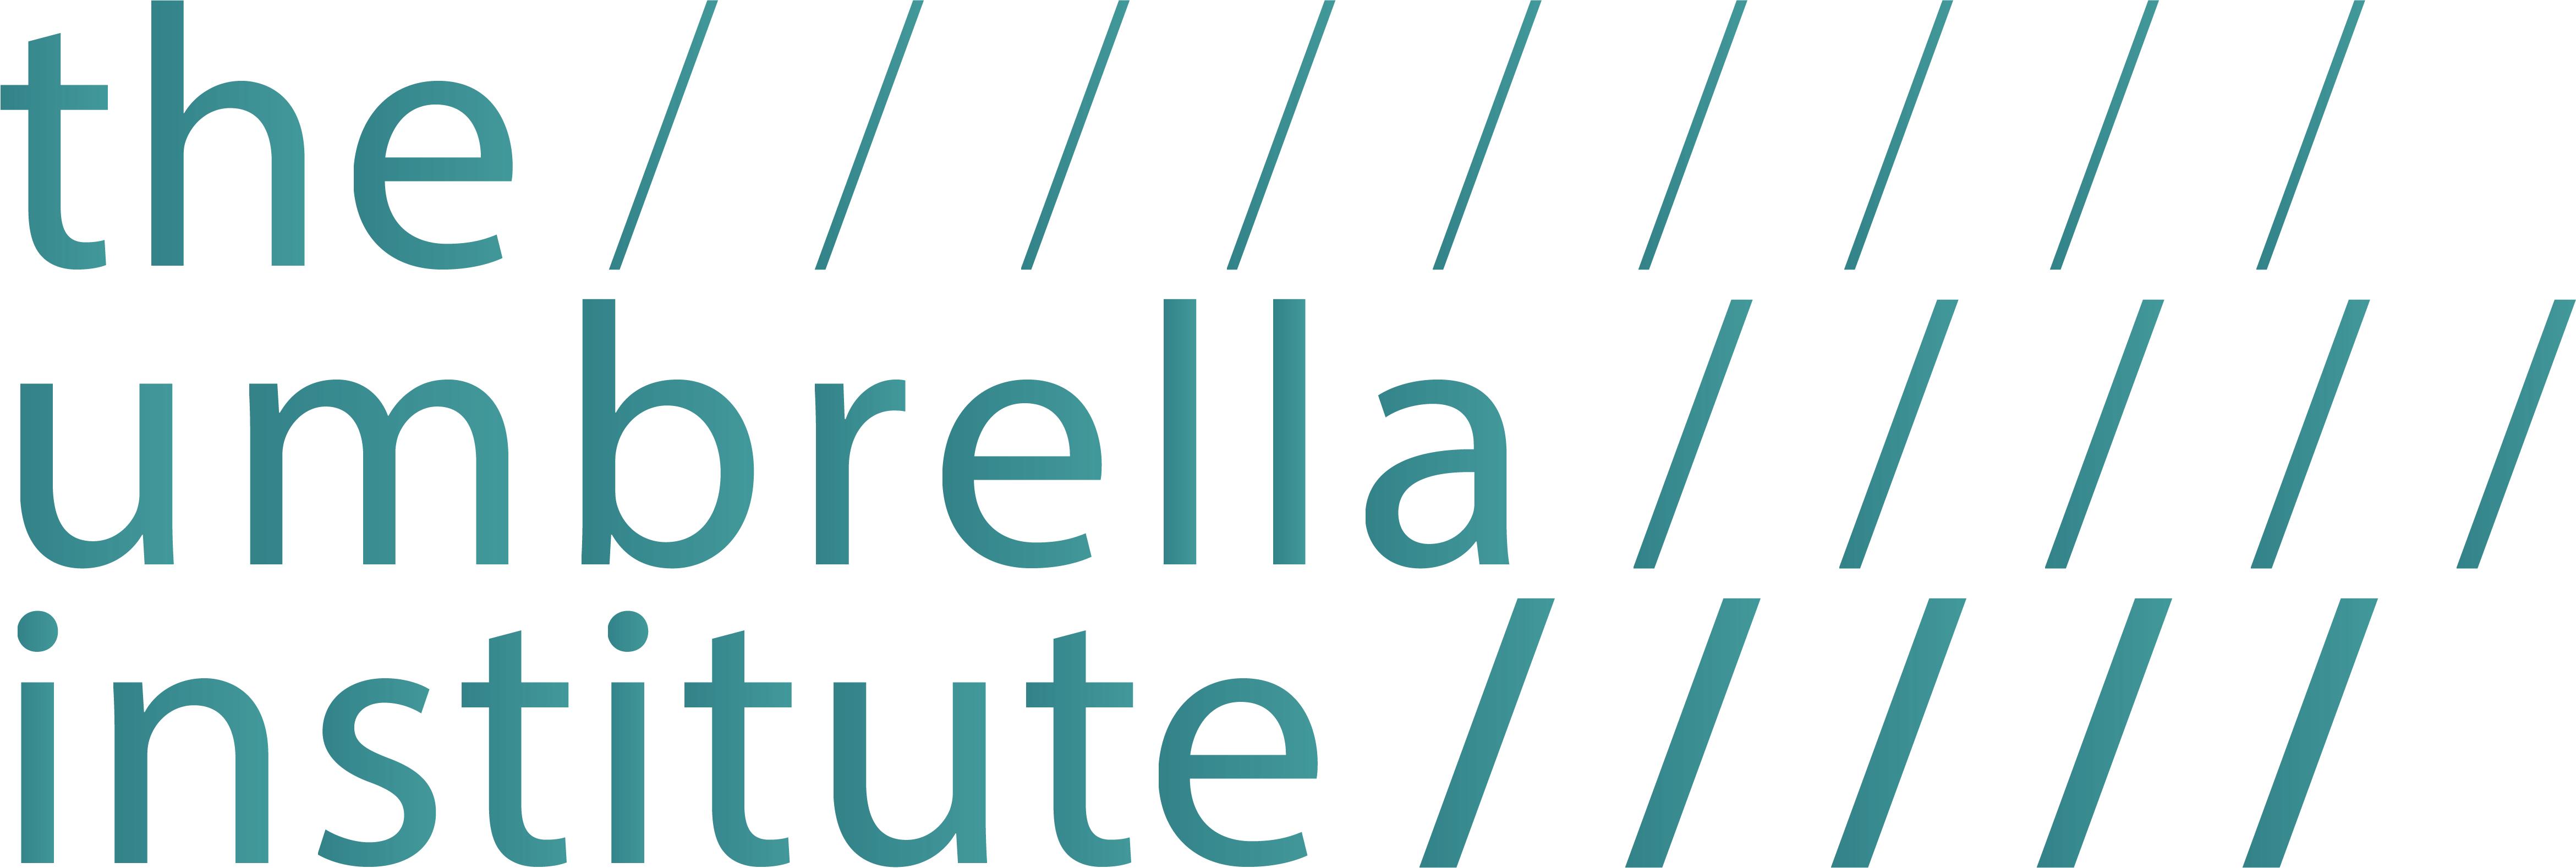 The Umbrella Institute